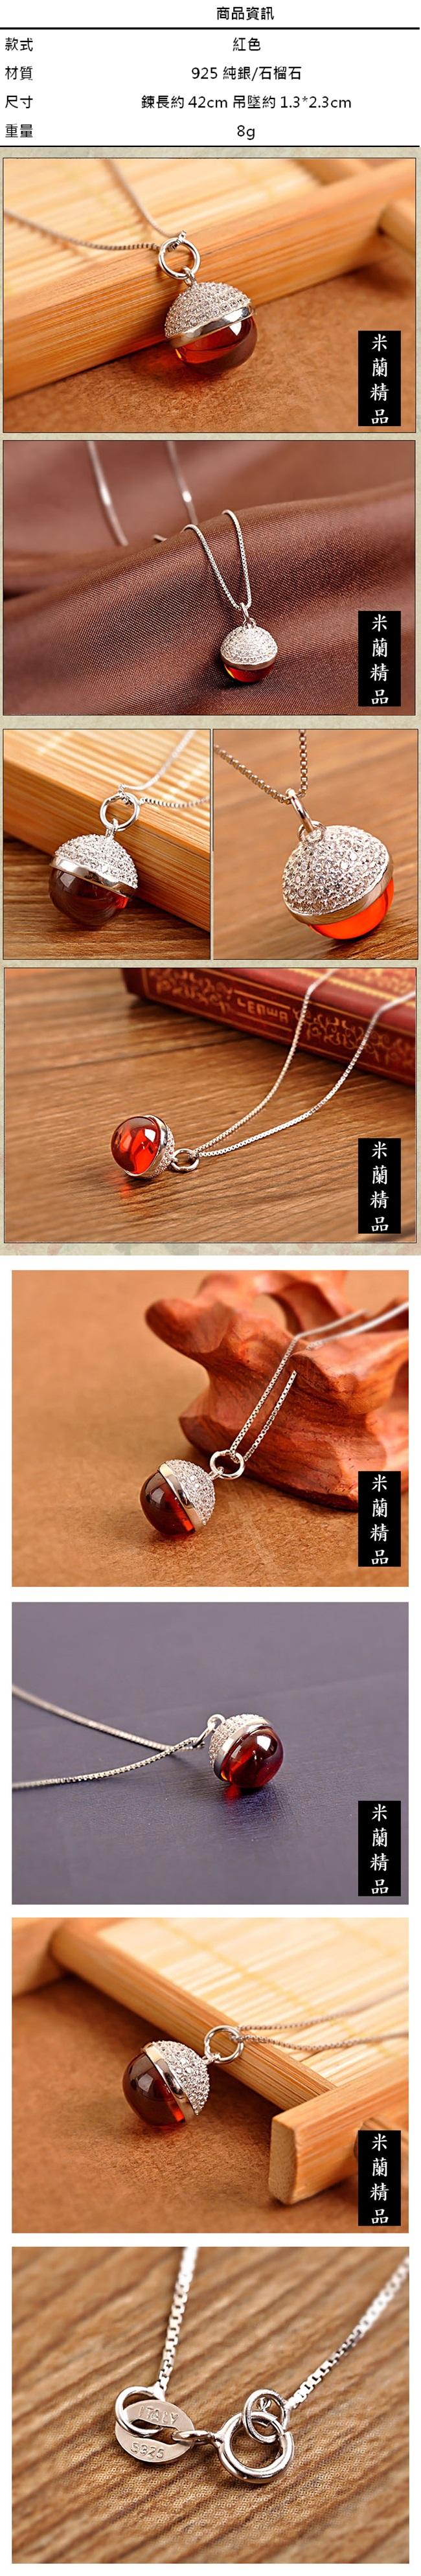 925純銀項鍊吊墜-母親節聖誕節生日情人節禮物女飾品